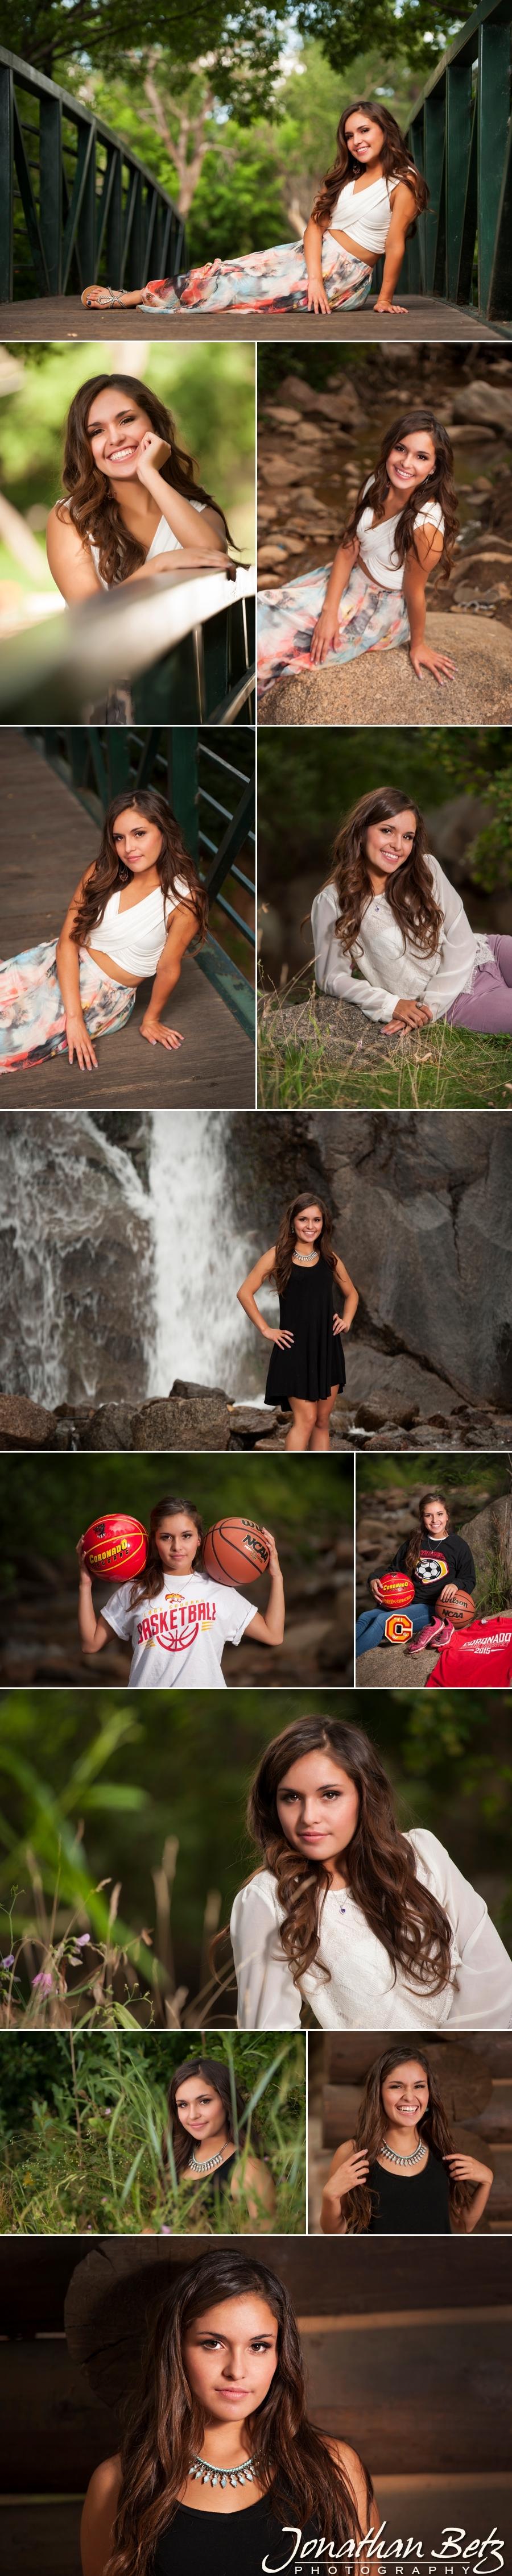 Colorado Springs Seniors Photographer Coronado High School Jonathan Betz Photography